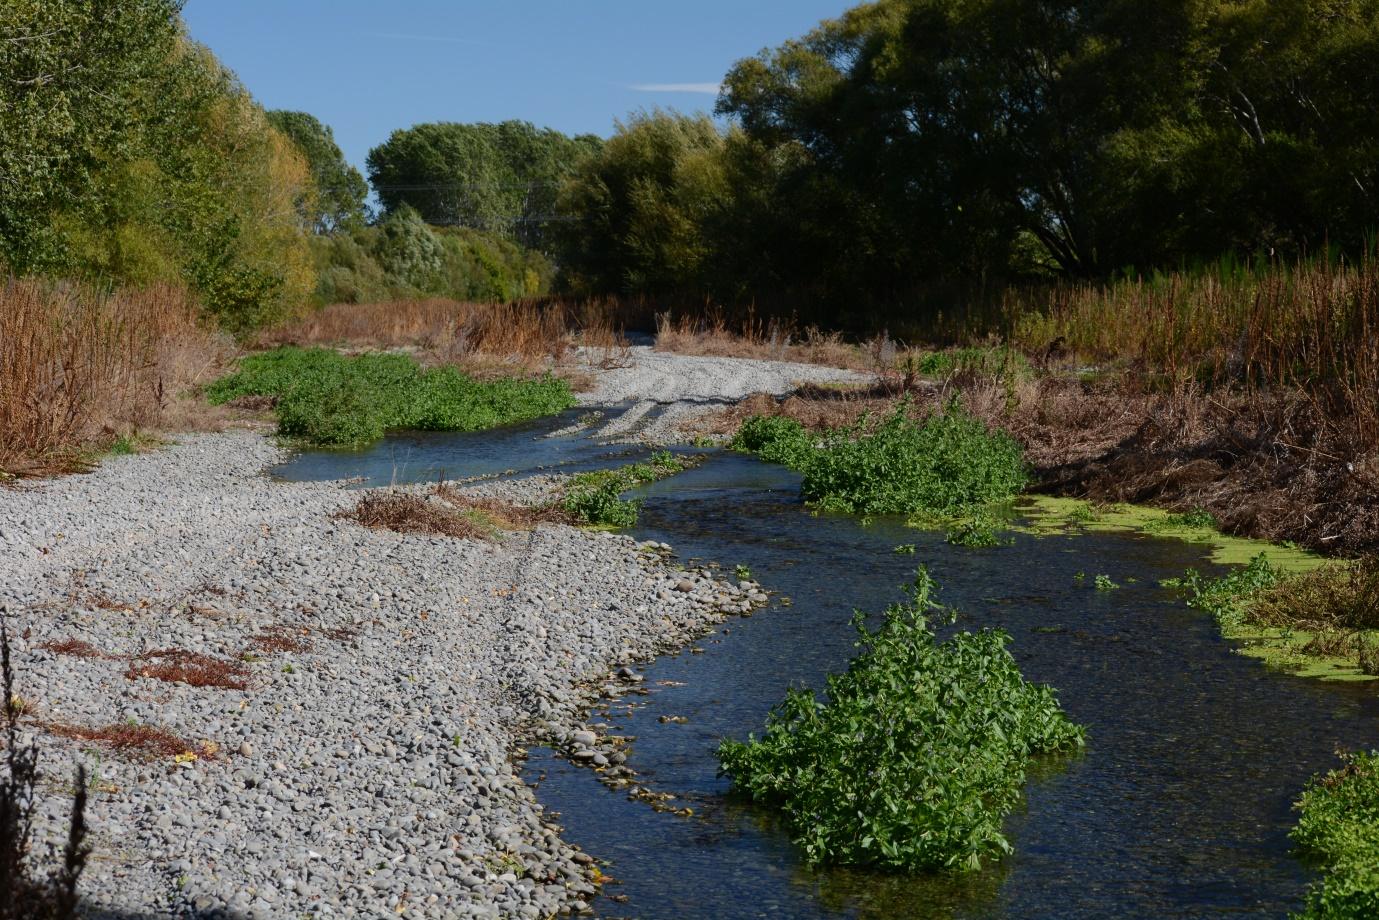 Lower Selwyn River